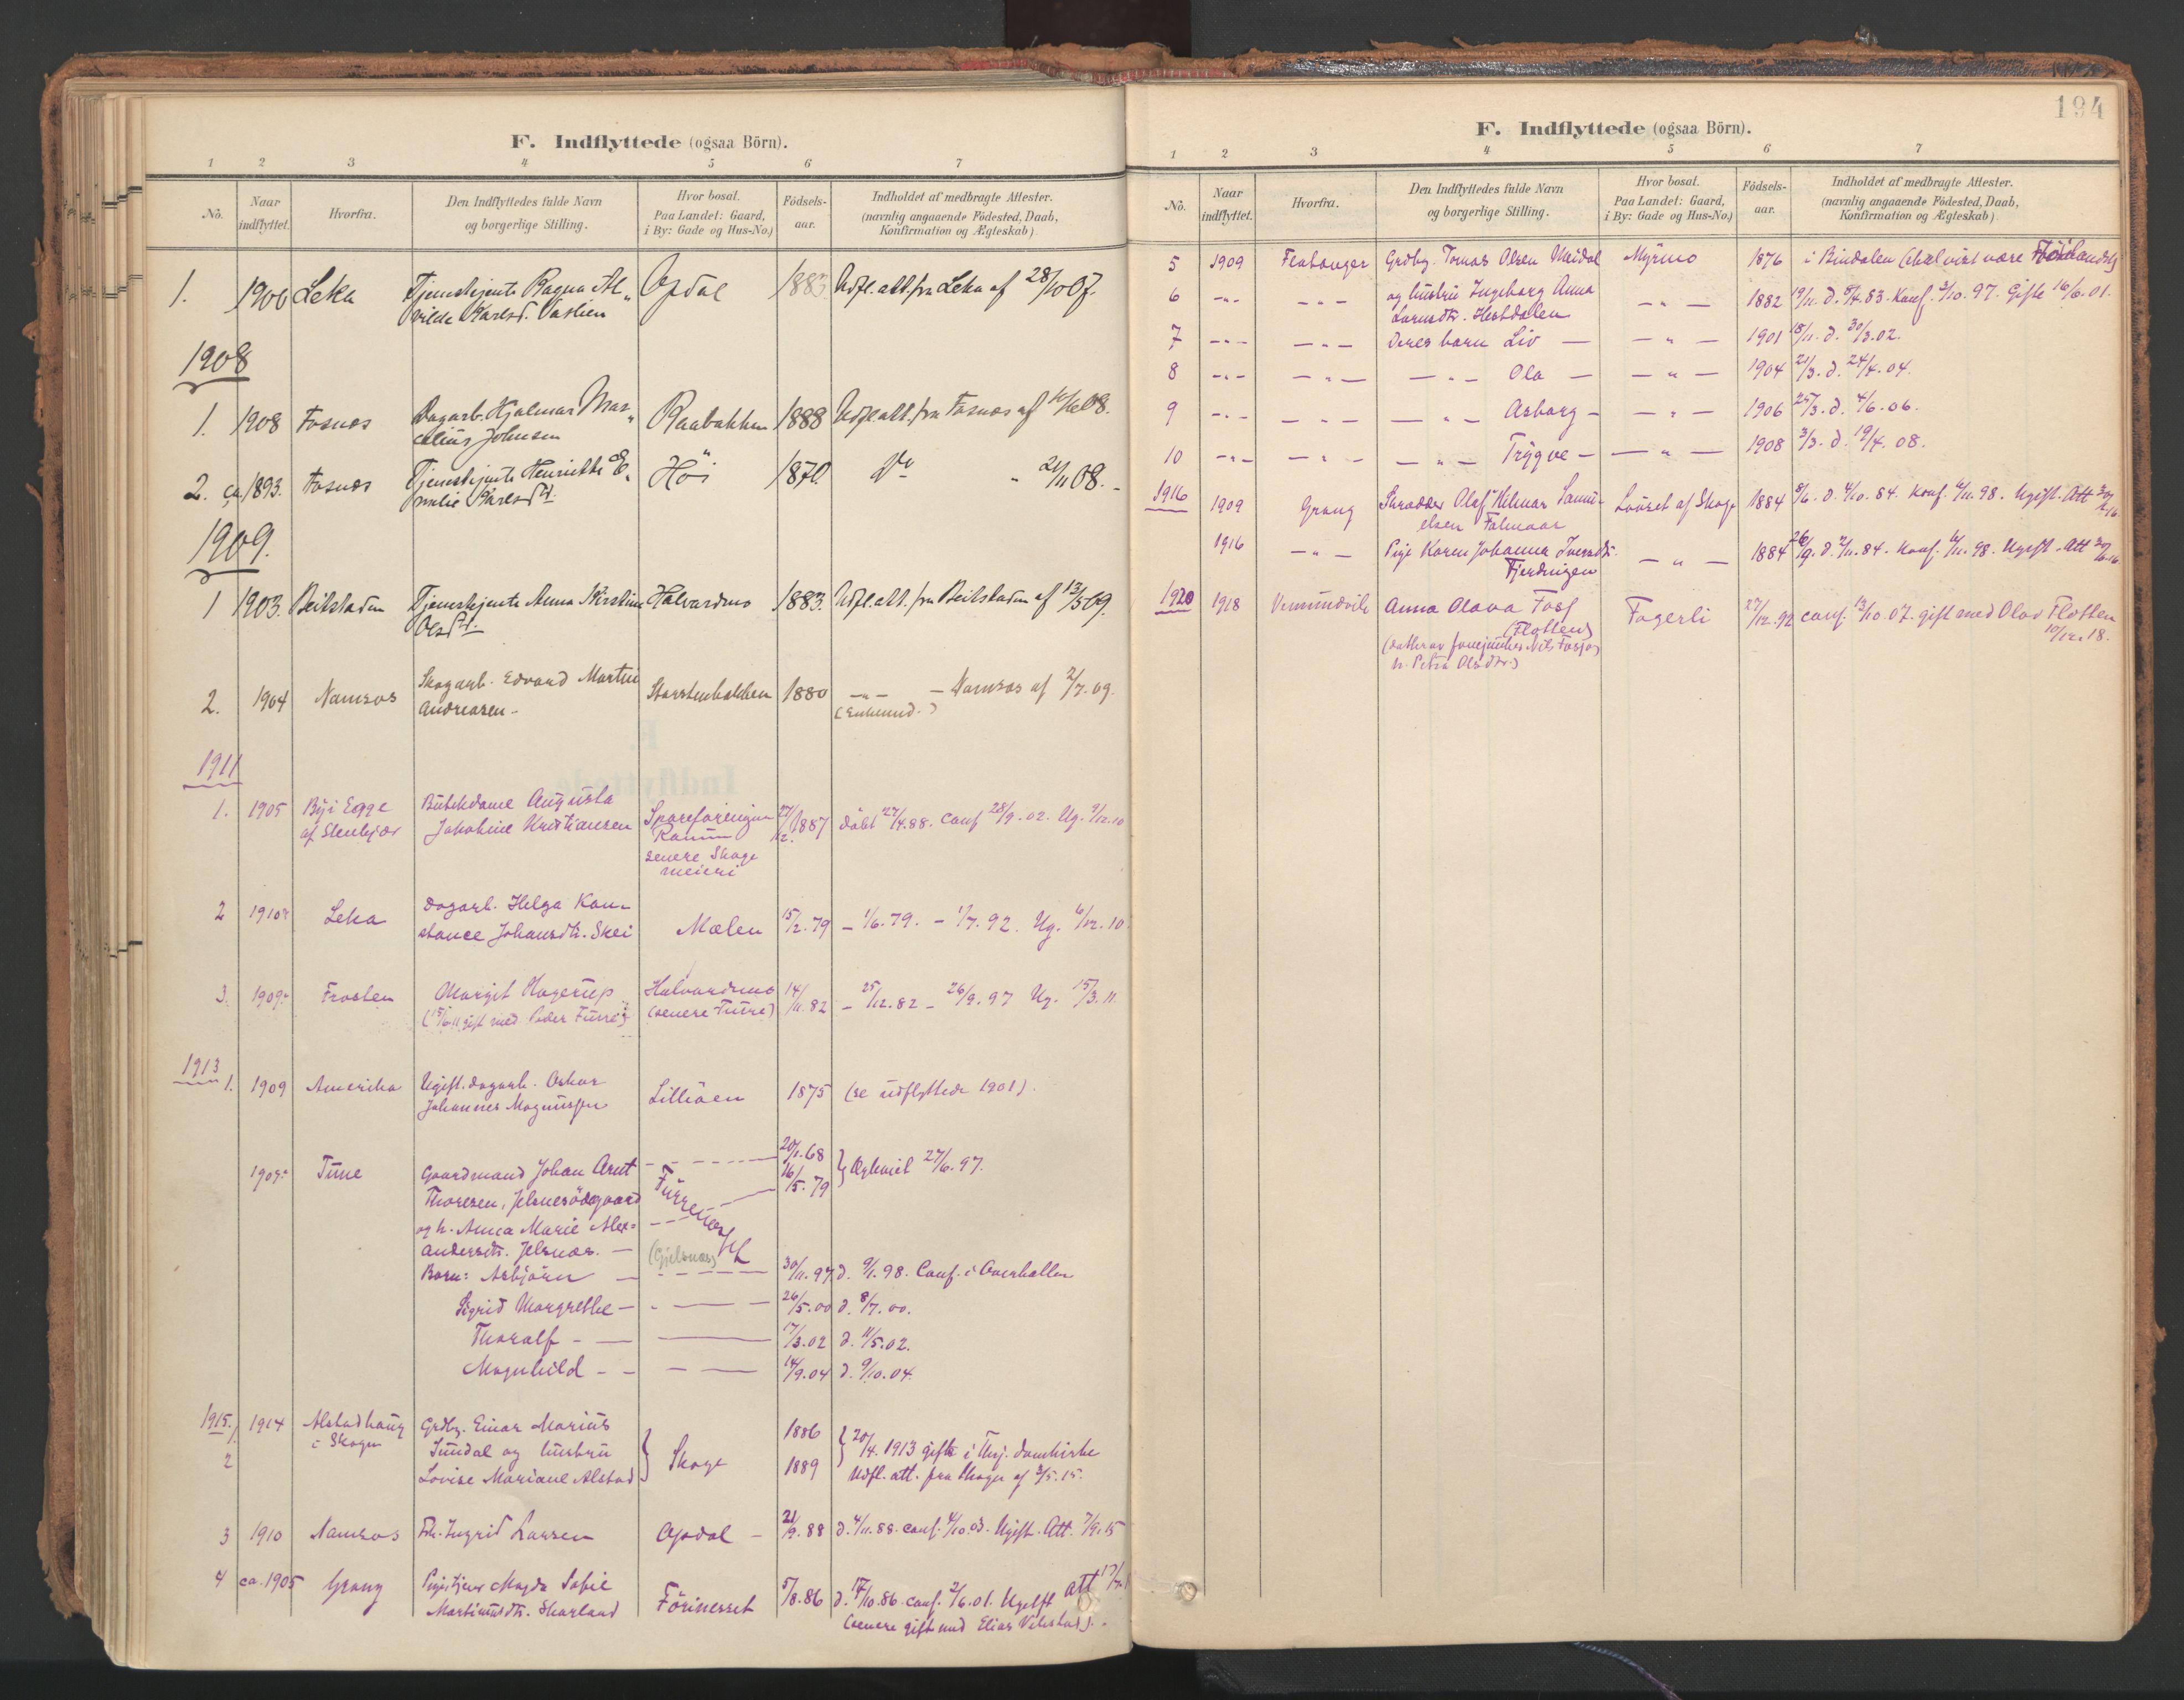 SAT, Ministerialprotokoller, klokkerbøker og fødselsregistre - Nord-Trøndelag, 766/L0564: Ministerialbok nr. 767A02, 1900-1932, s. 194